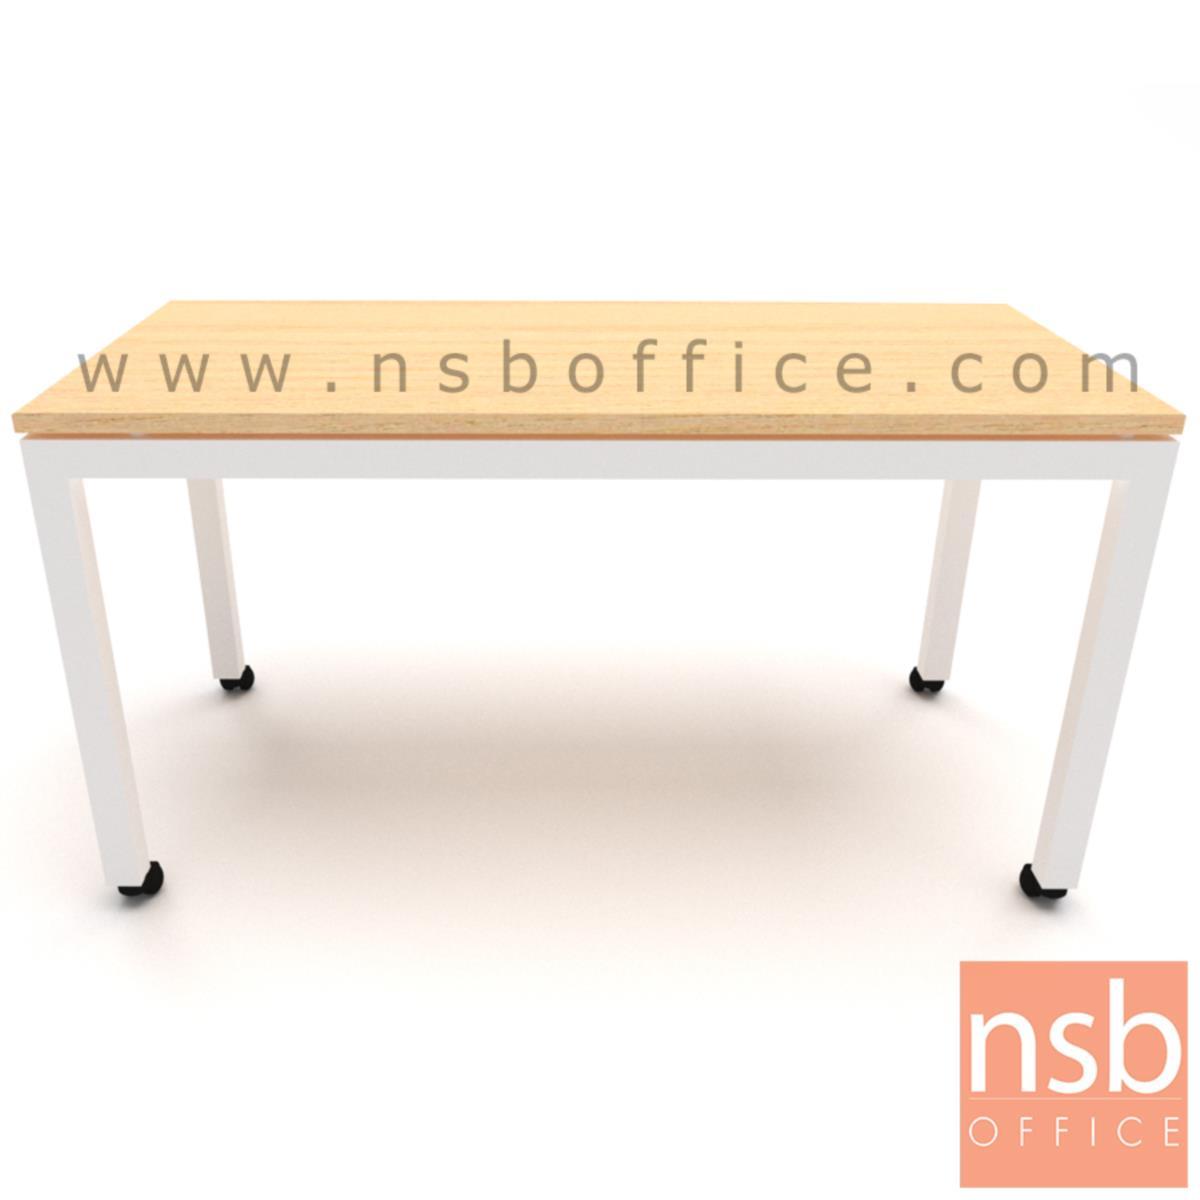 โต๊ะโล่งล้อเลื่อน  ขนาด 60W, 70W, 120W, 140W cm.  เมลามีน ขาเหล็กพ่นสี ล้อเลื่อน